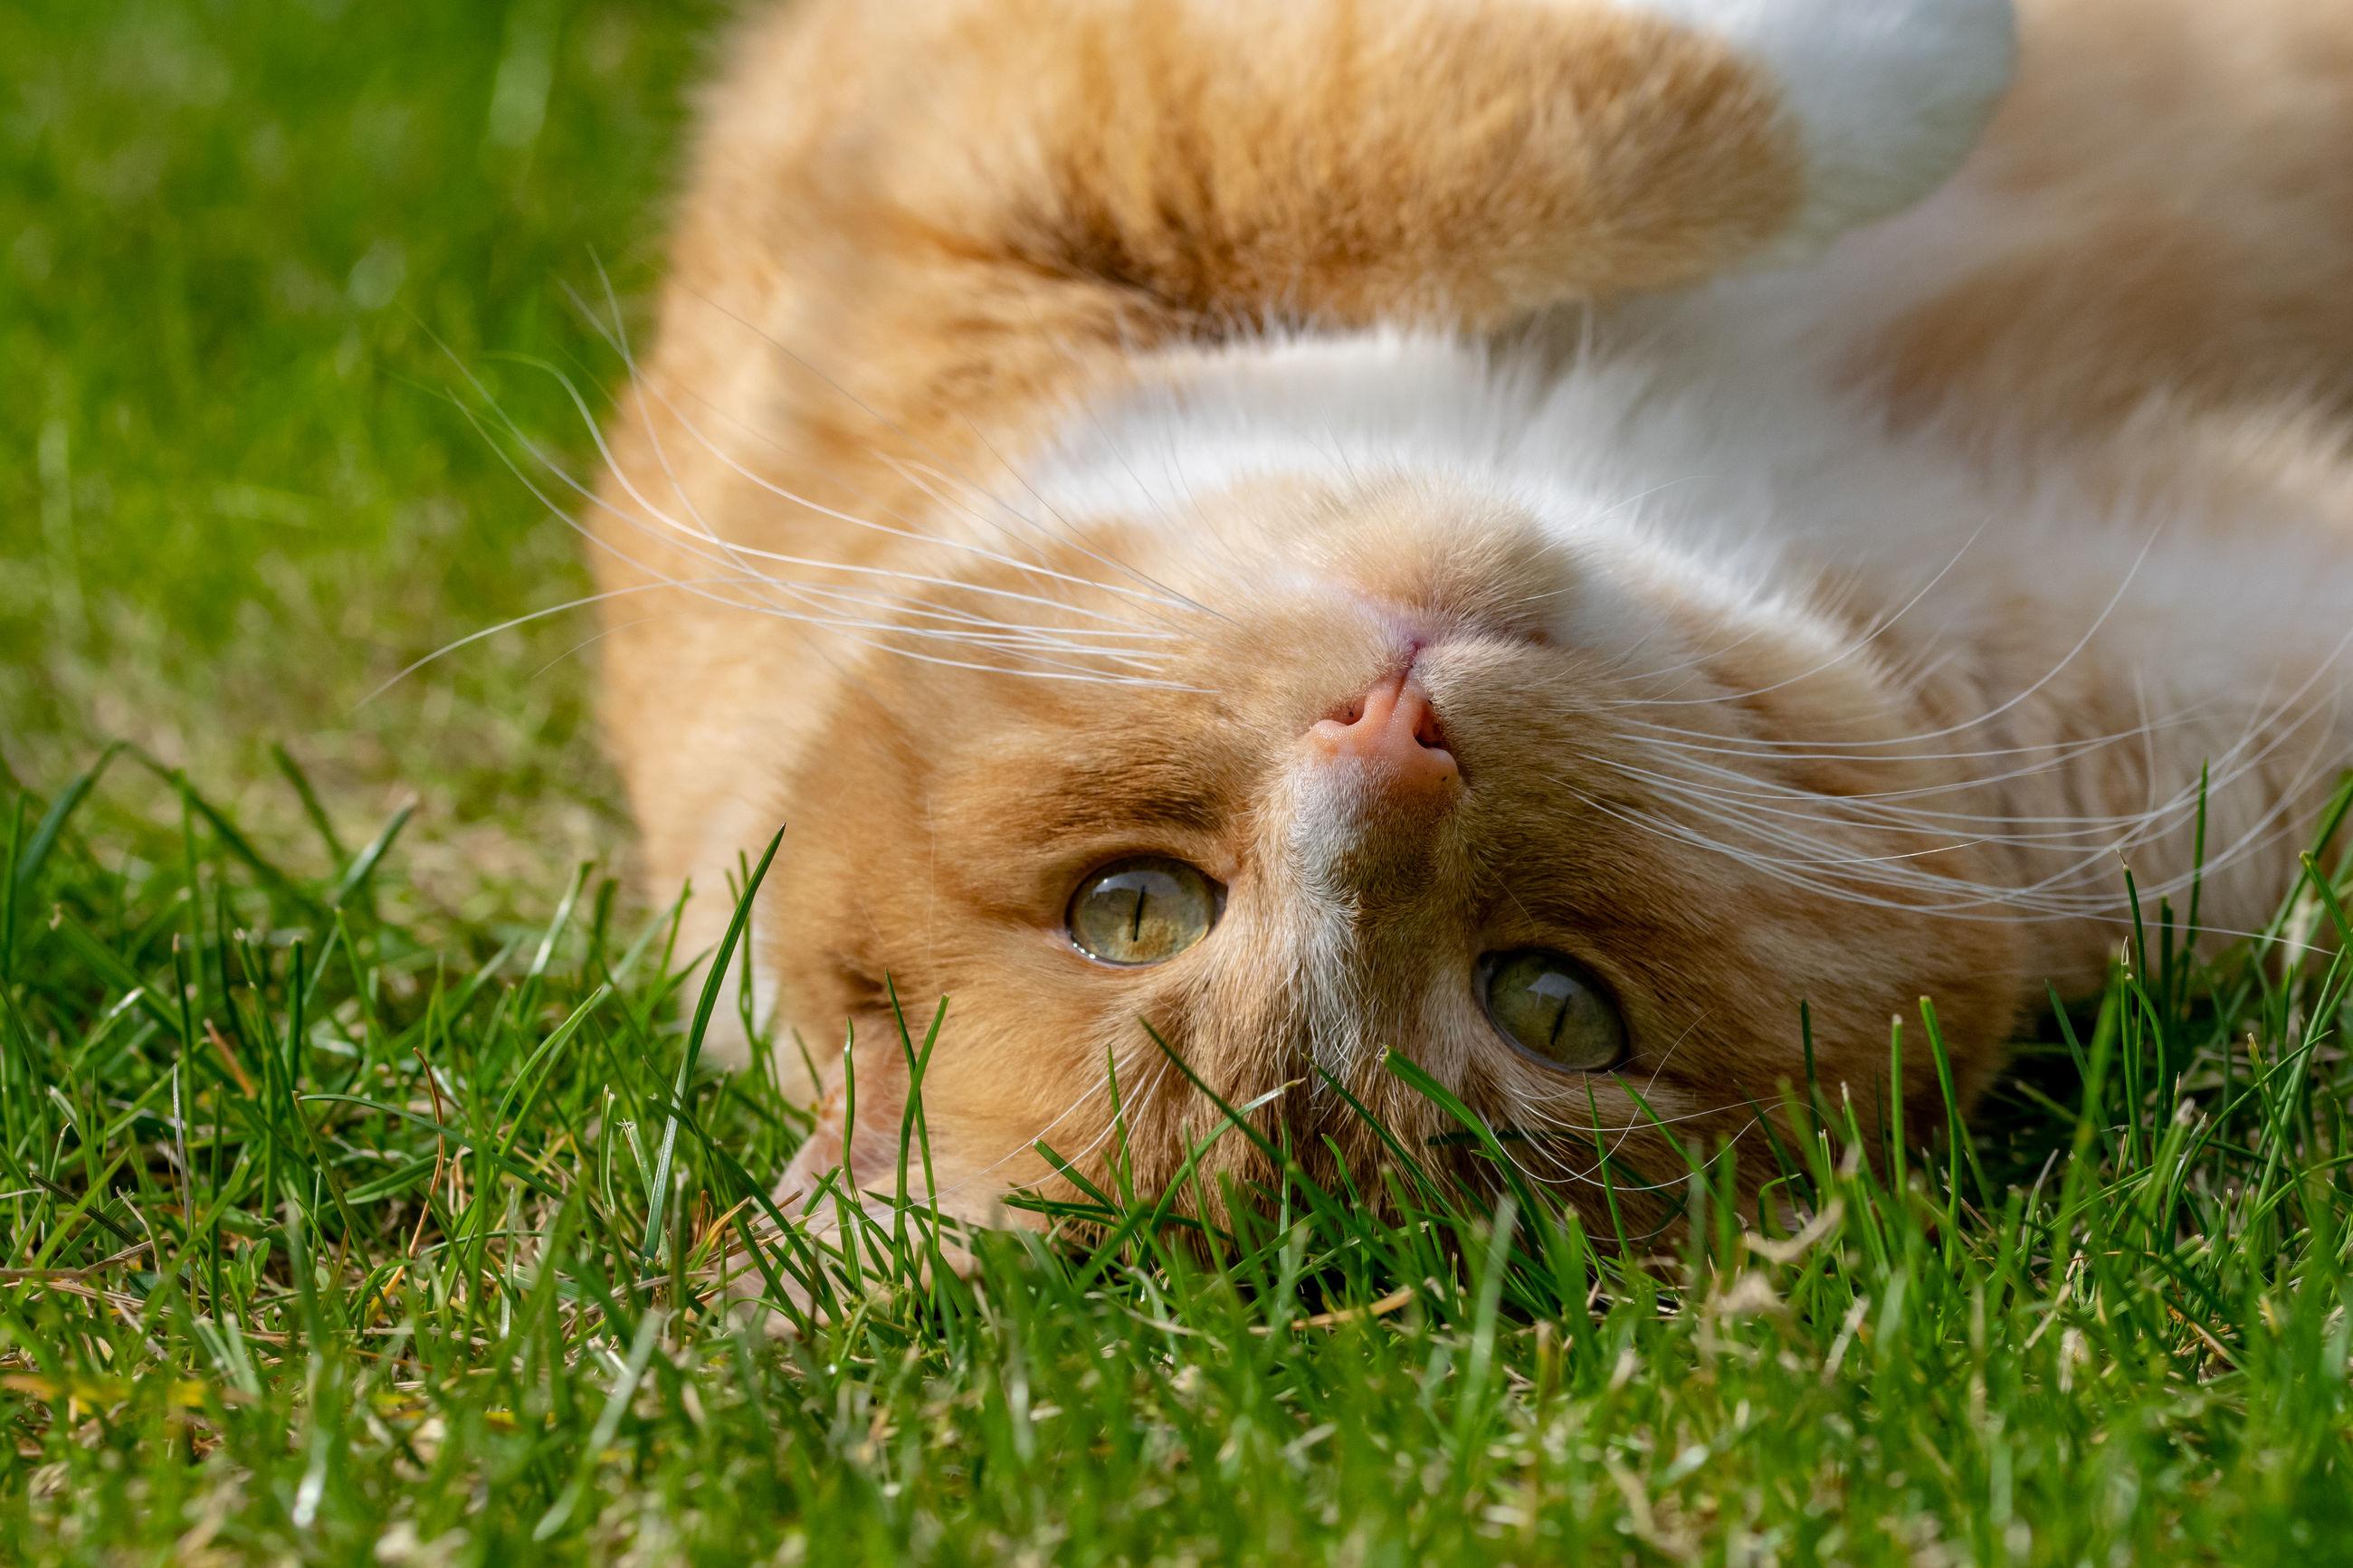 Playful ginger pet cat lying on back on grass garden